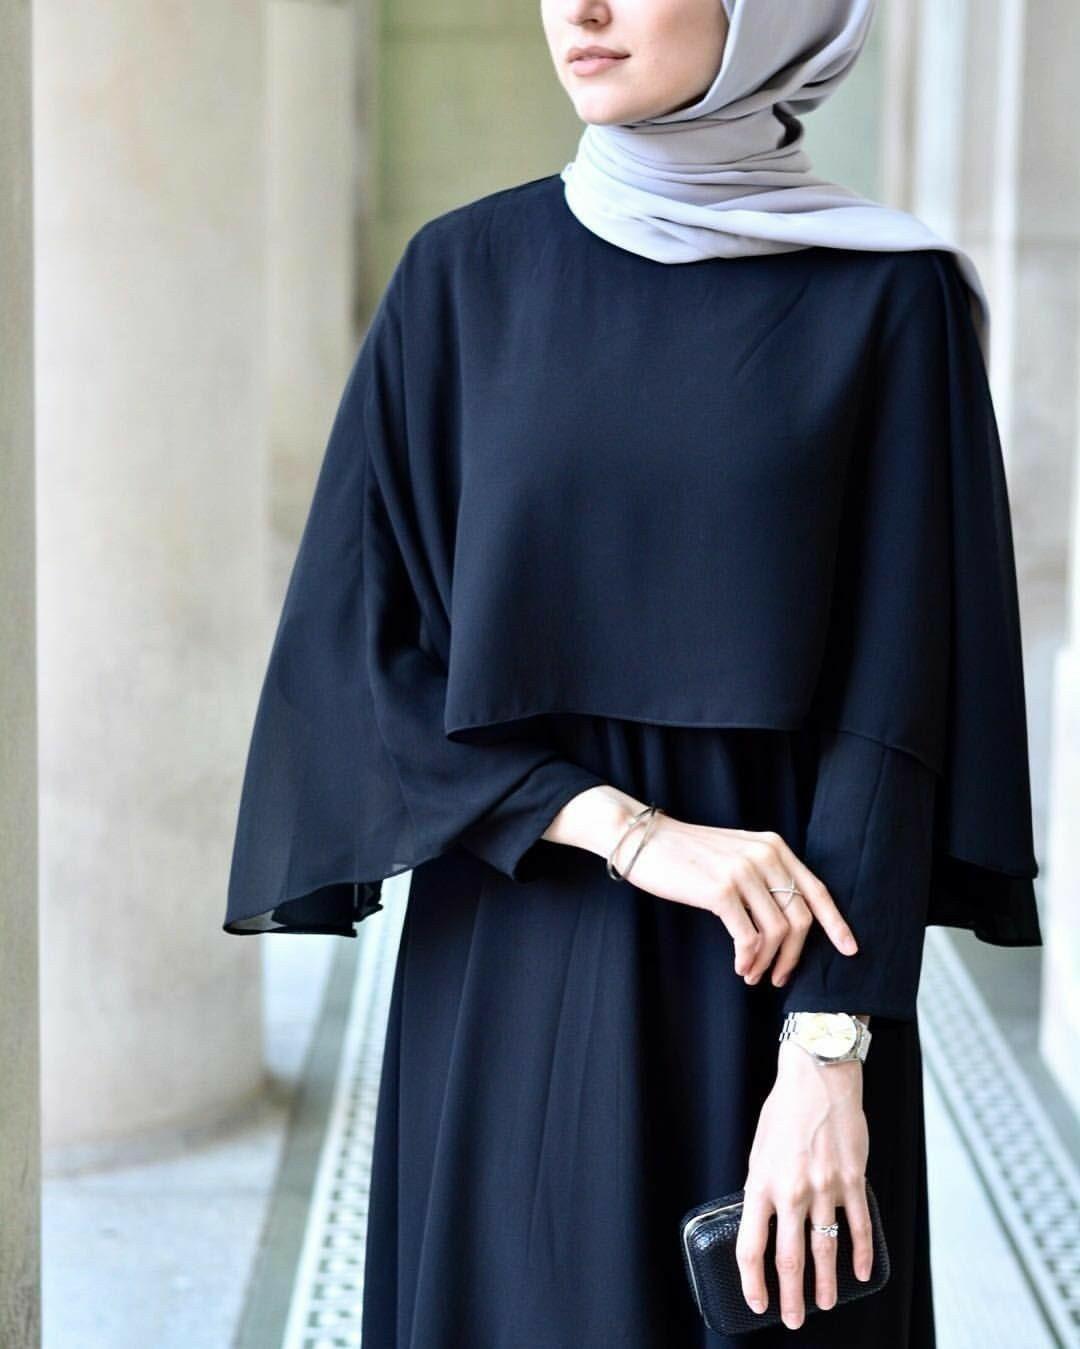 Pin by Mariam on Hijab  Hijab gown, Hijab fashion, Moslem fashion